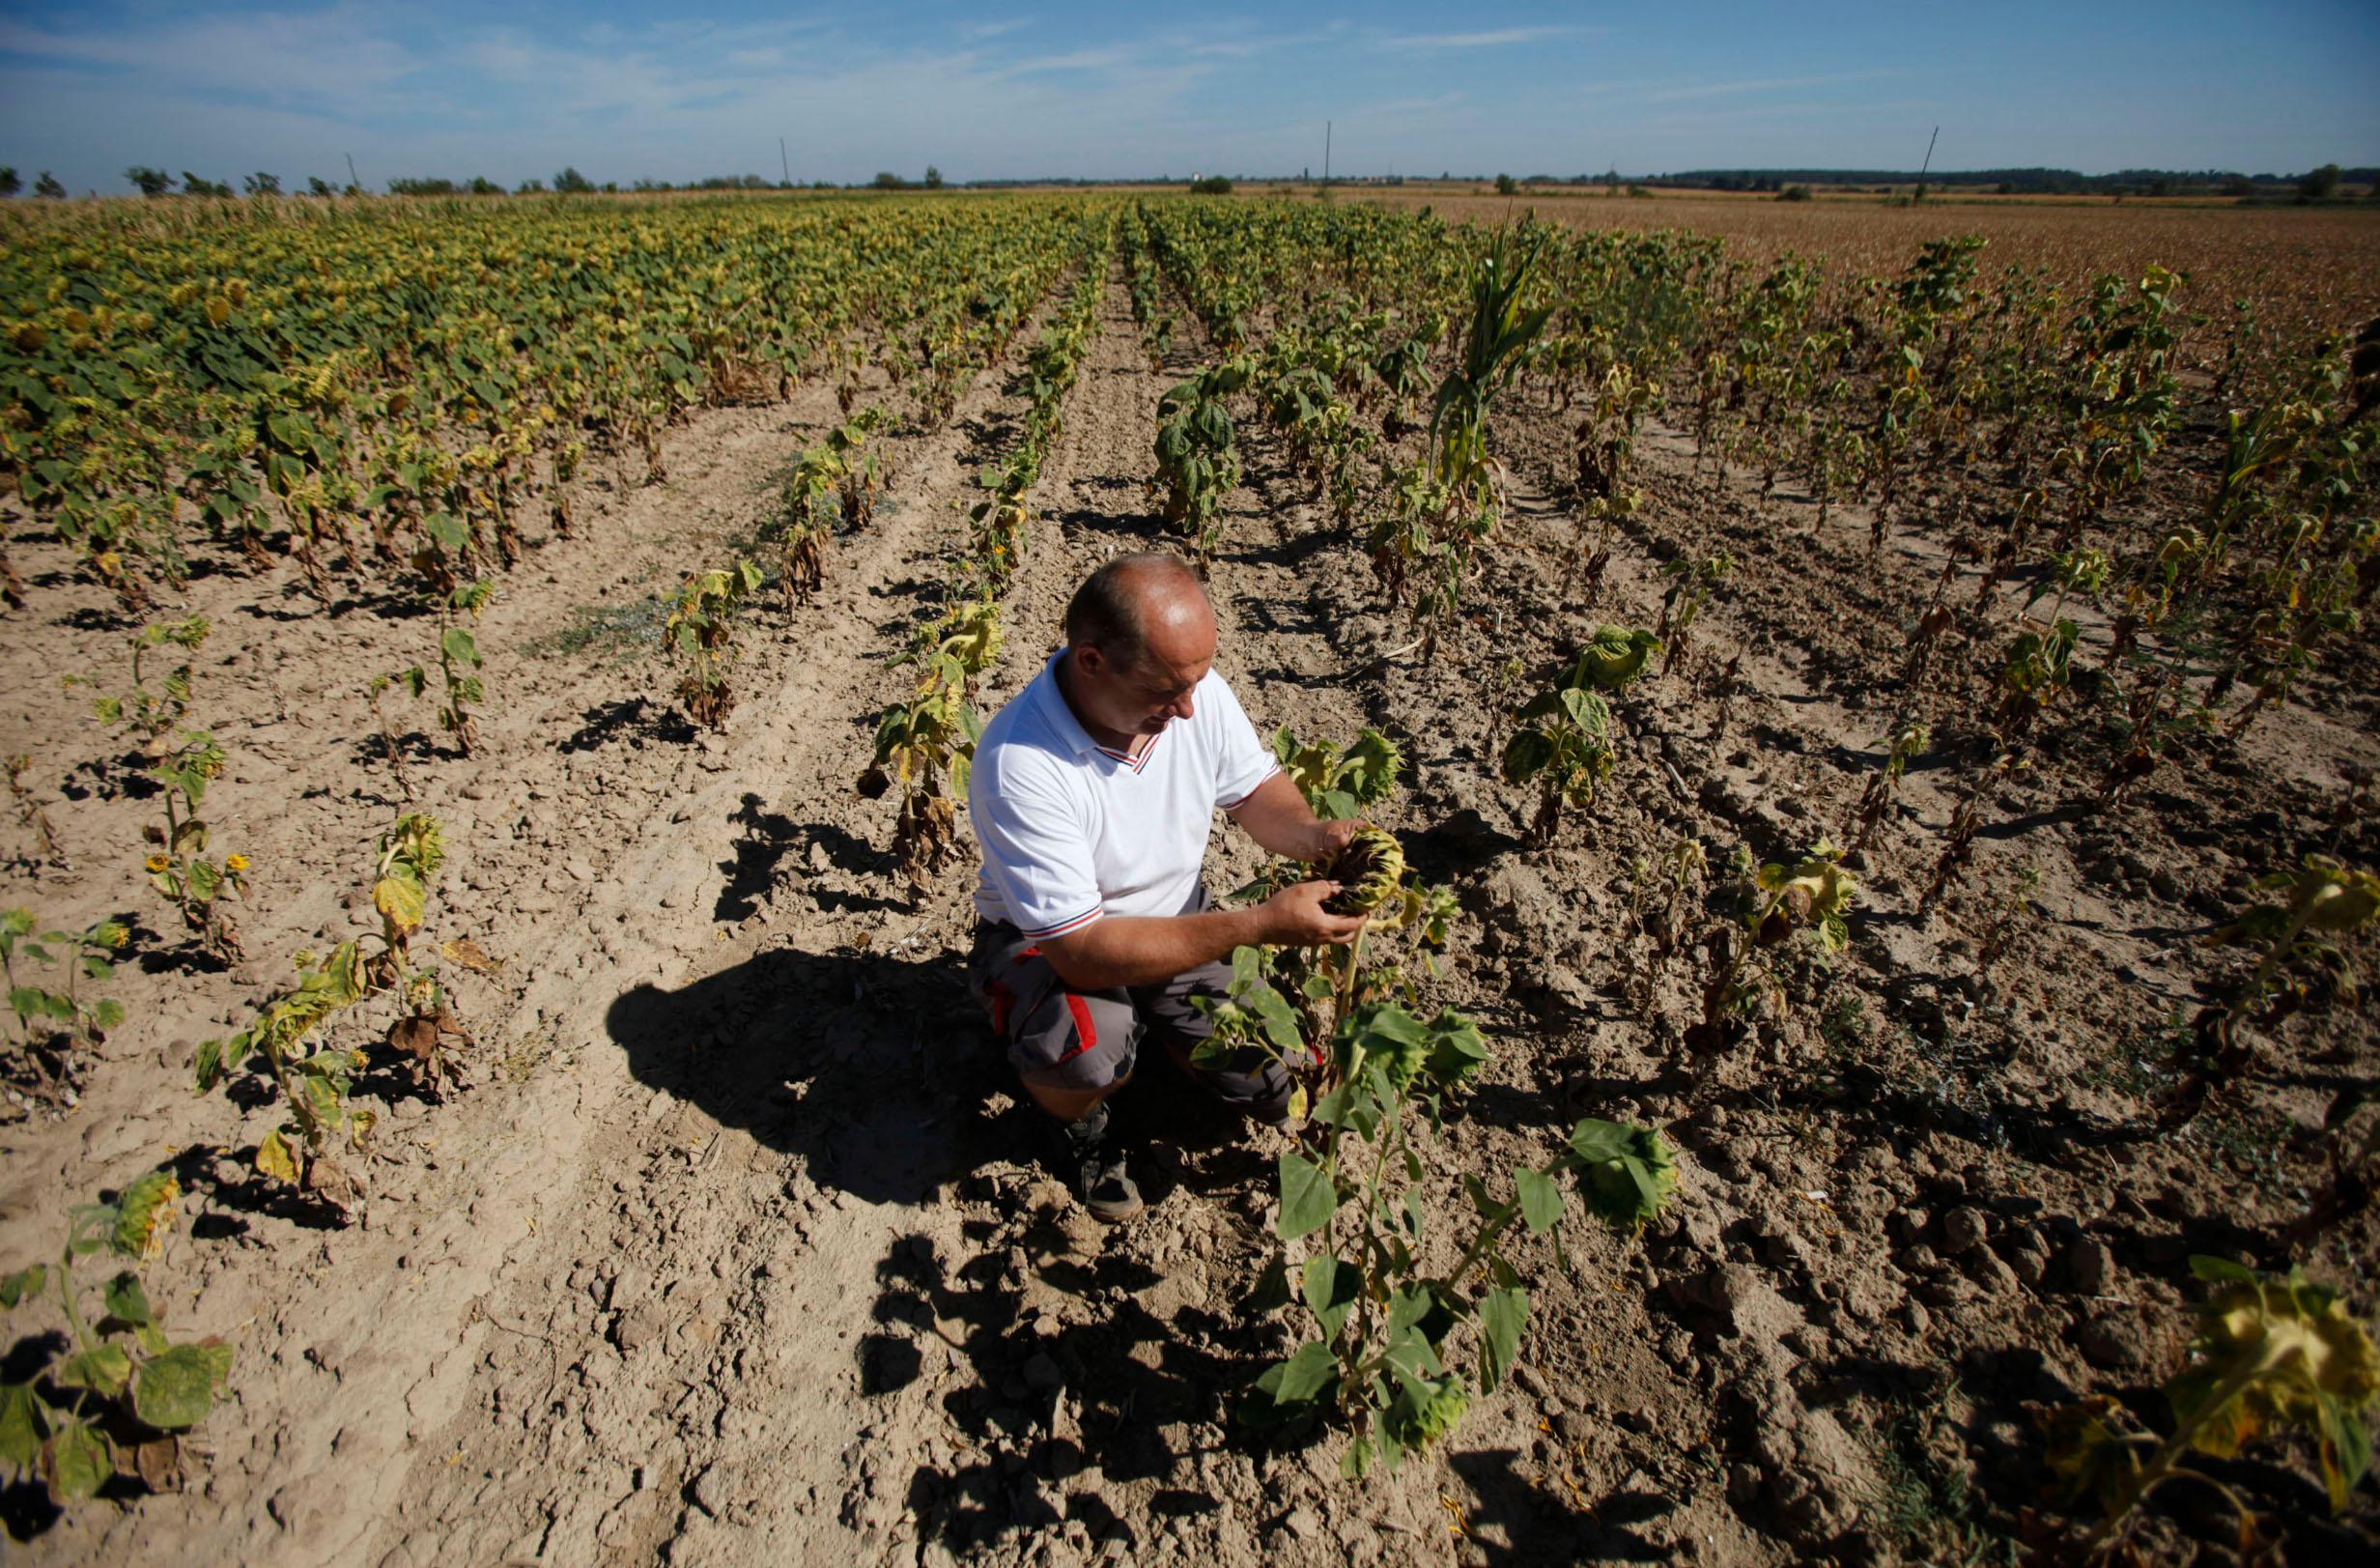 ''Poljoprivredni lobi u zapadnim zemljama je vrlo jak, a veliki poljoprivrednici vode vlastitu lokalnu politiku na štetu malih poljoprivrednika'', izjavila je biologinja Martina Šašić